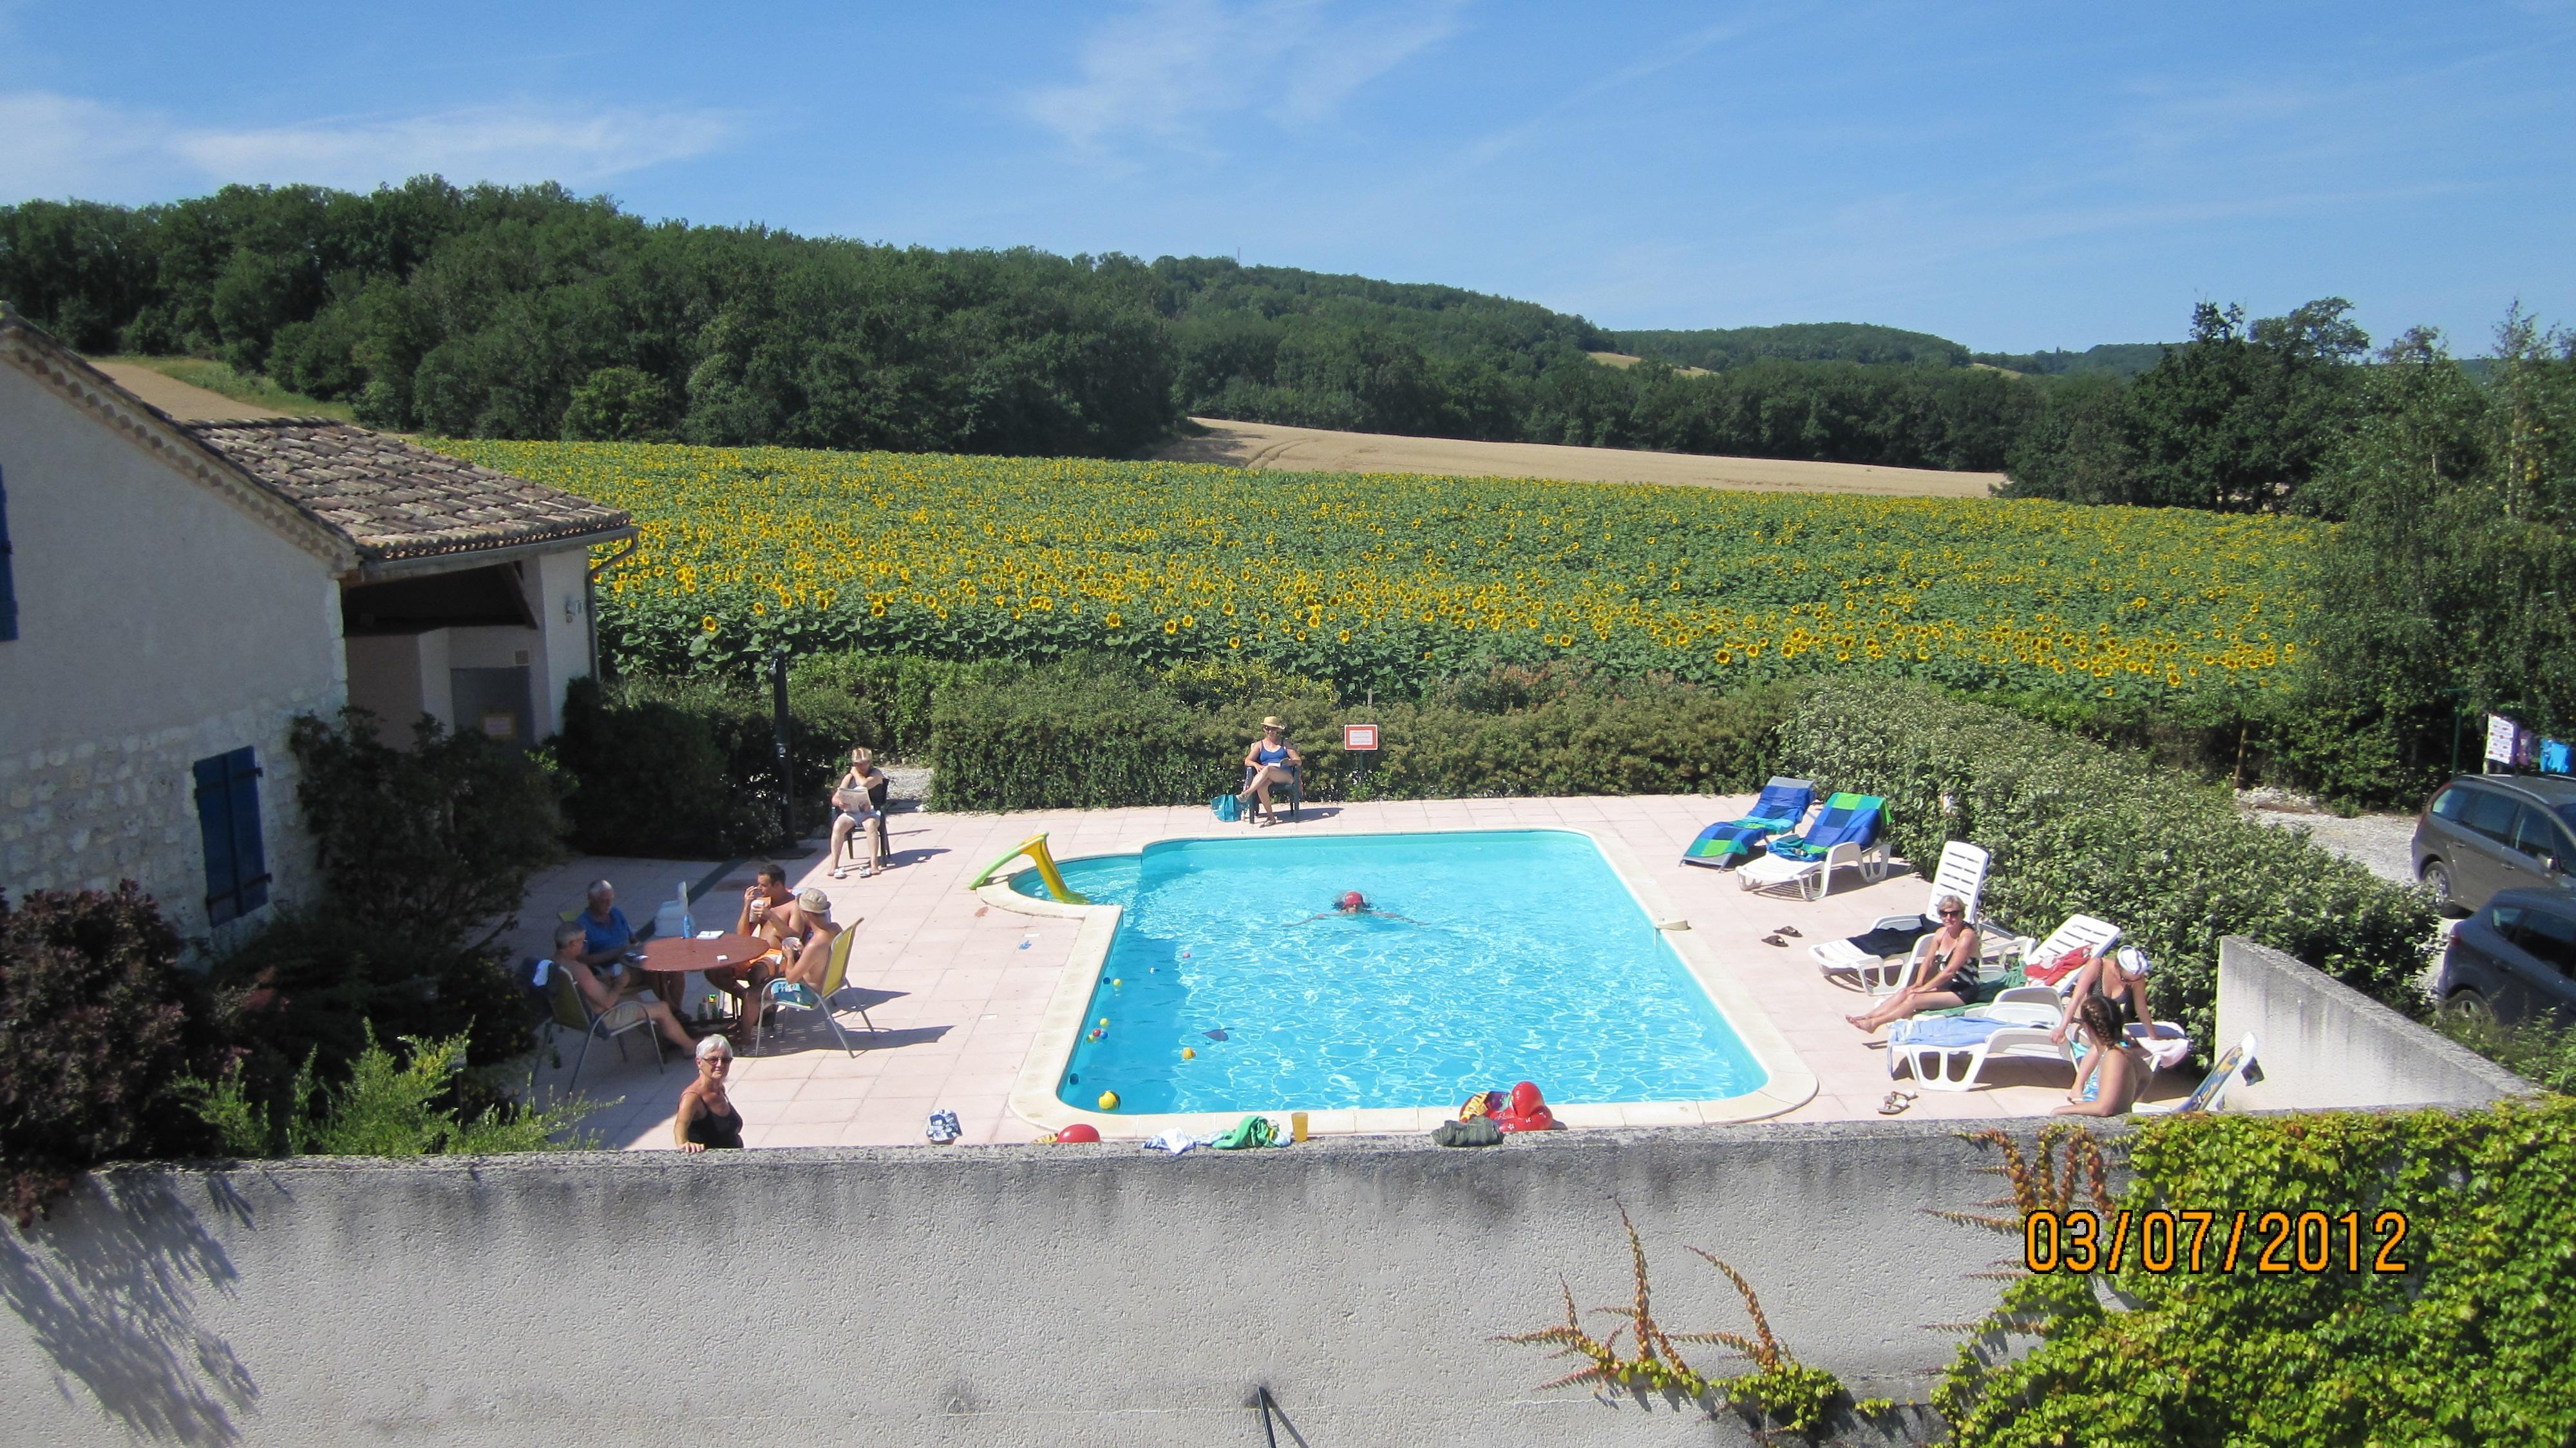 Zwembad met verwarming mandarre - Huis design met zwembad ...